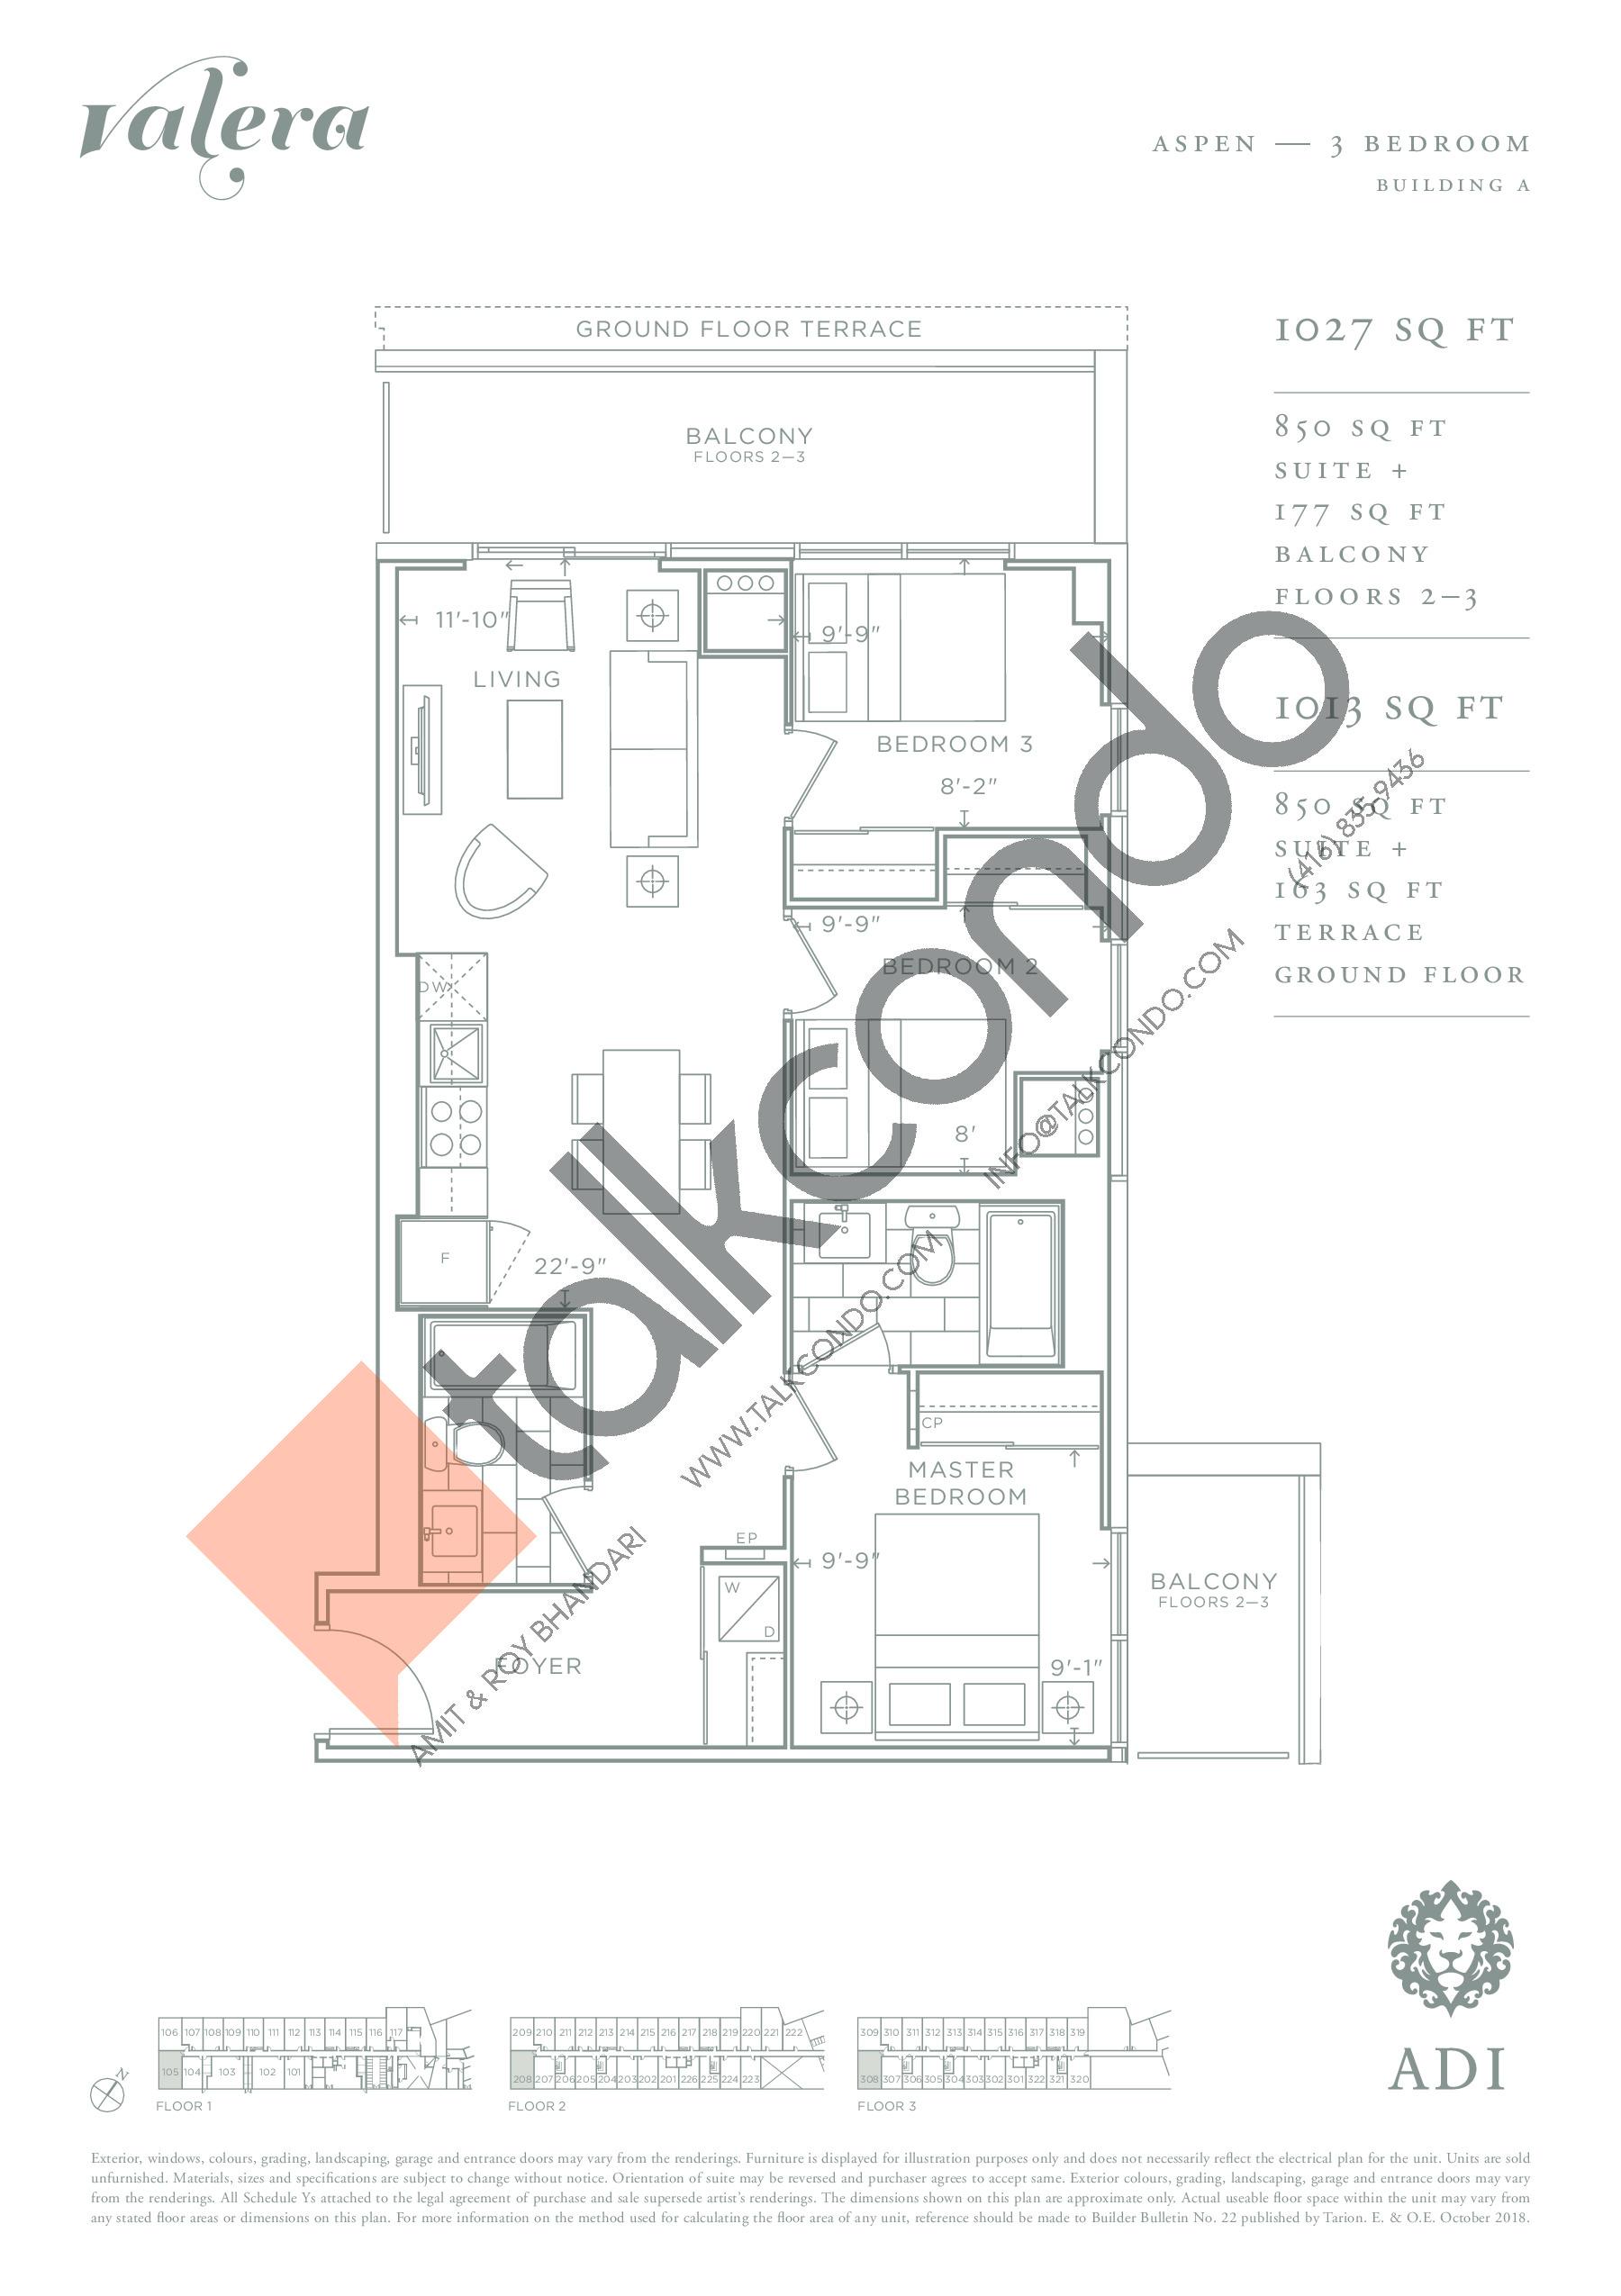 Aspen Floor Plan at Valera Condos - 850 sq.ft